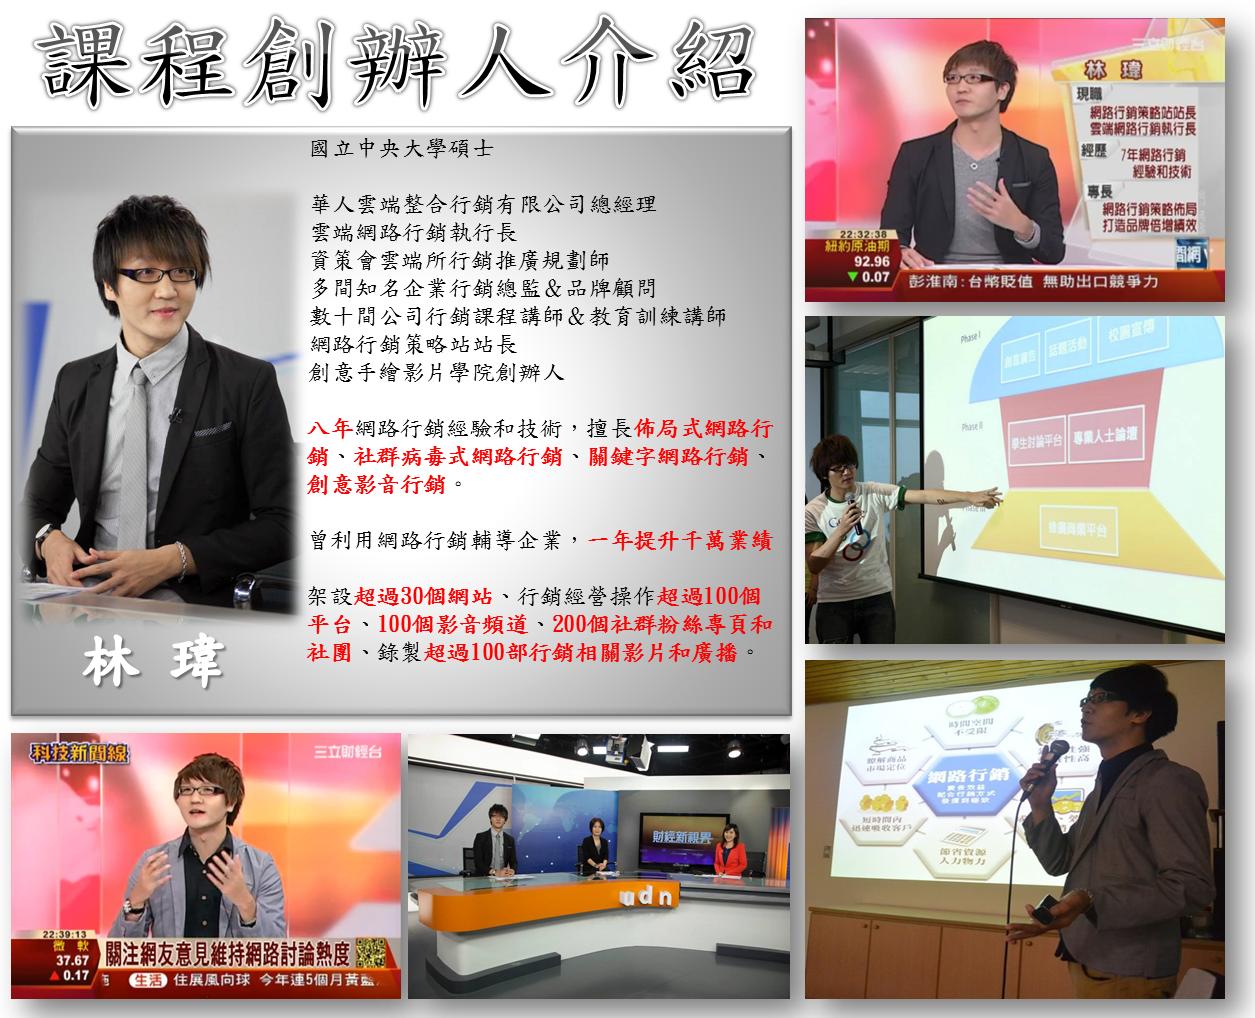 林瑋網路行銷-網路行銷事業推廣菁英課程